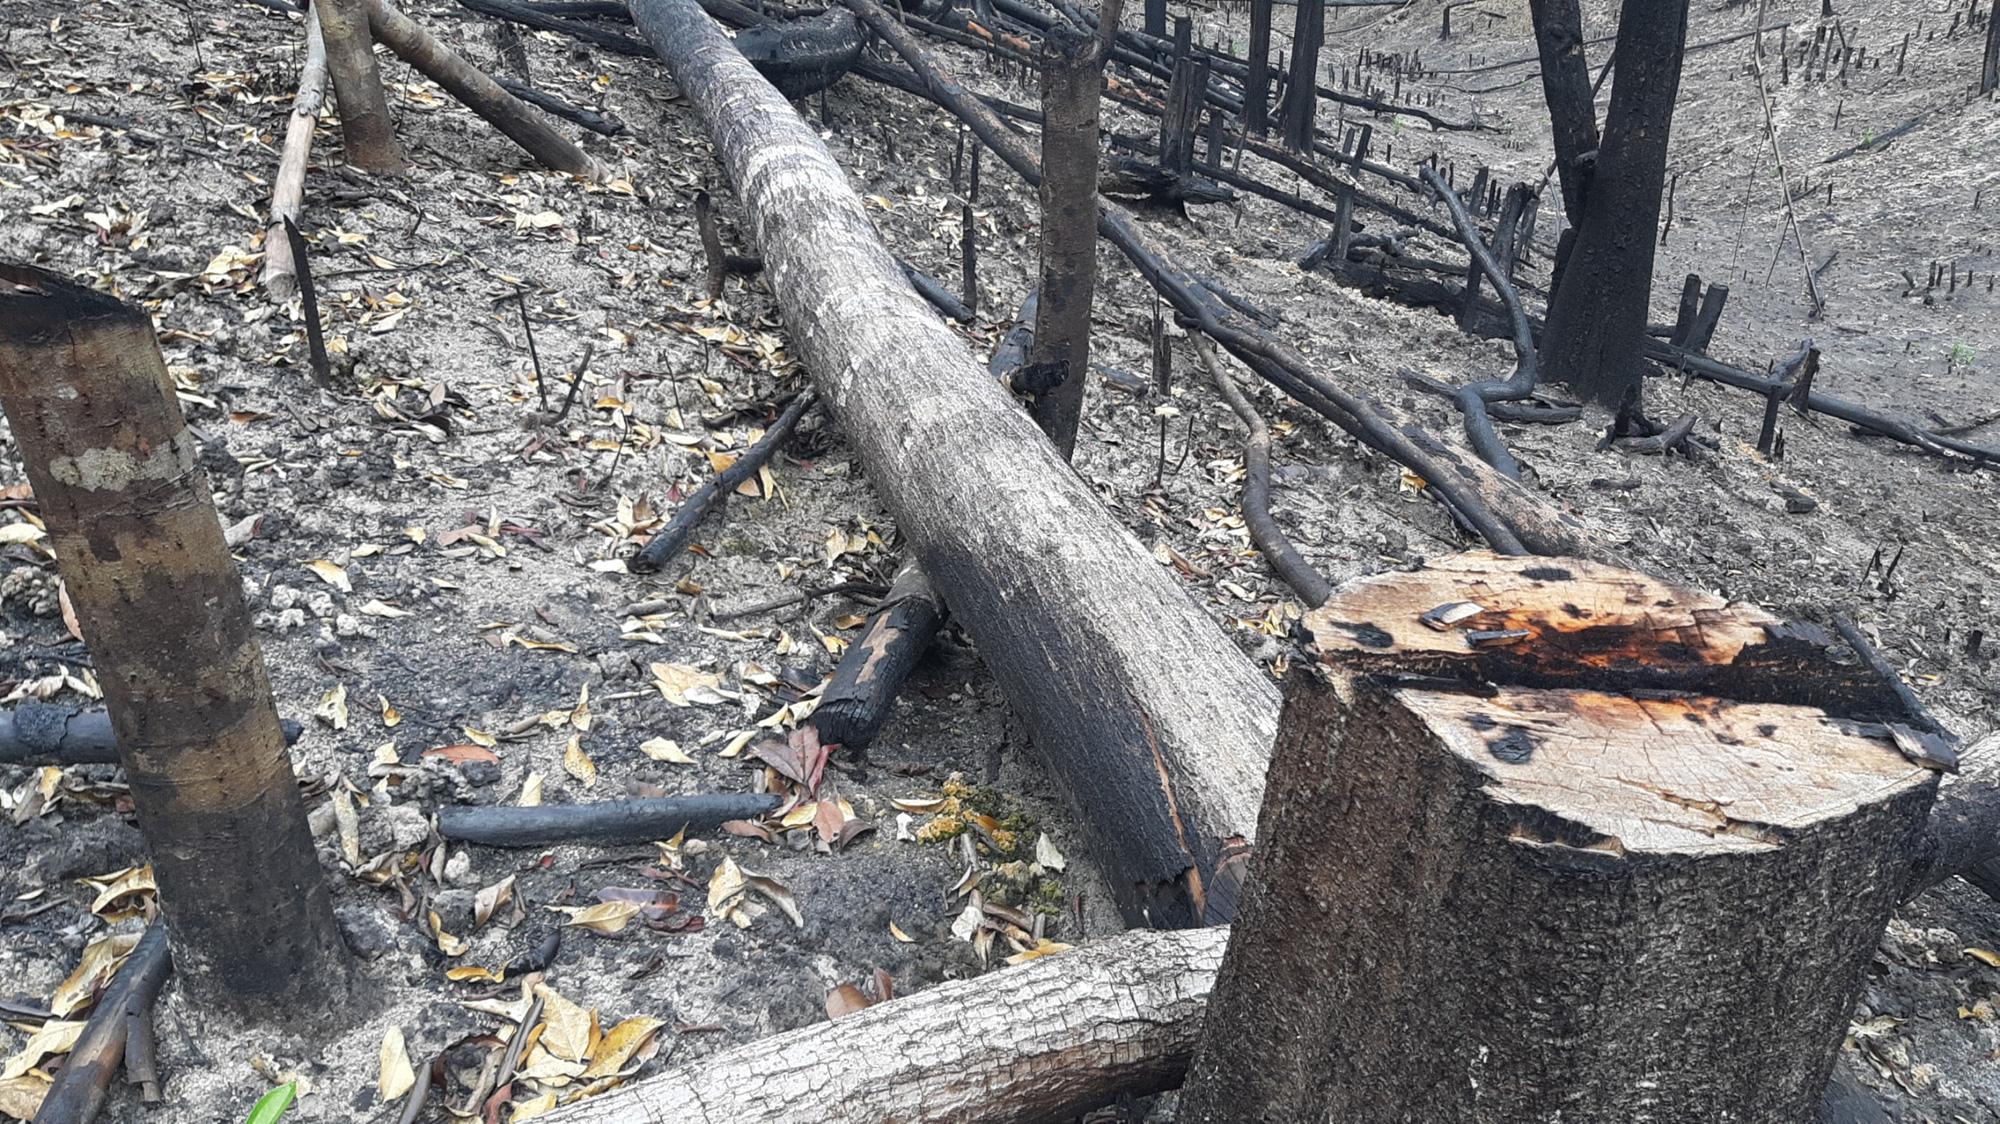 """Gia Lai: Nhiều cây gỗ lớn bị đốn hạ, gỗ nhỏ bị """"cạo trọc, đốt sạch"""" - Ảnh 3."""